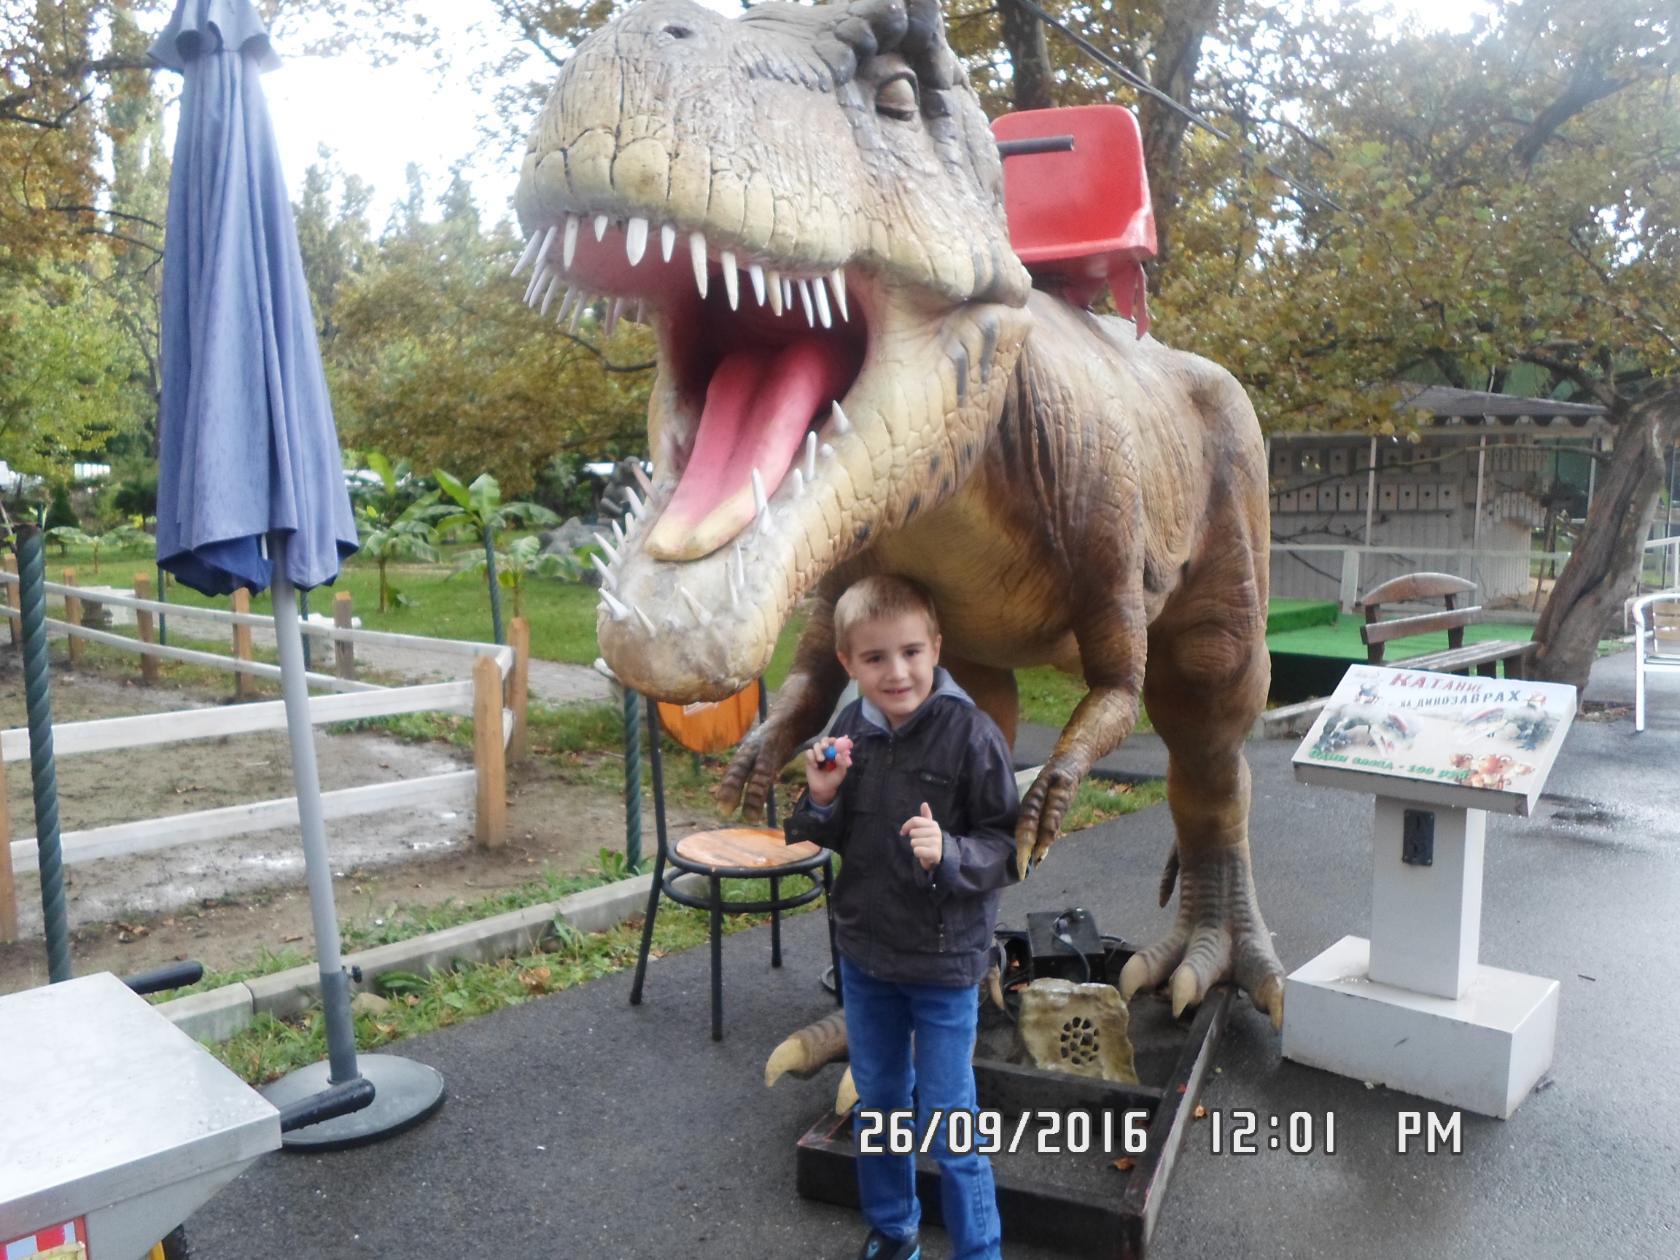 любимый брат в дино парке.жаль что можно одно фото. Любимые динозавры